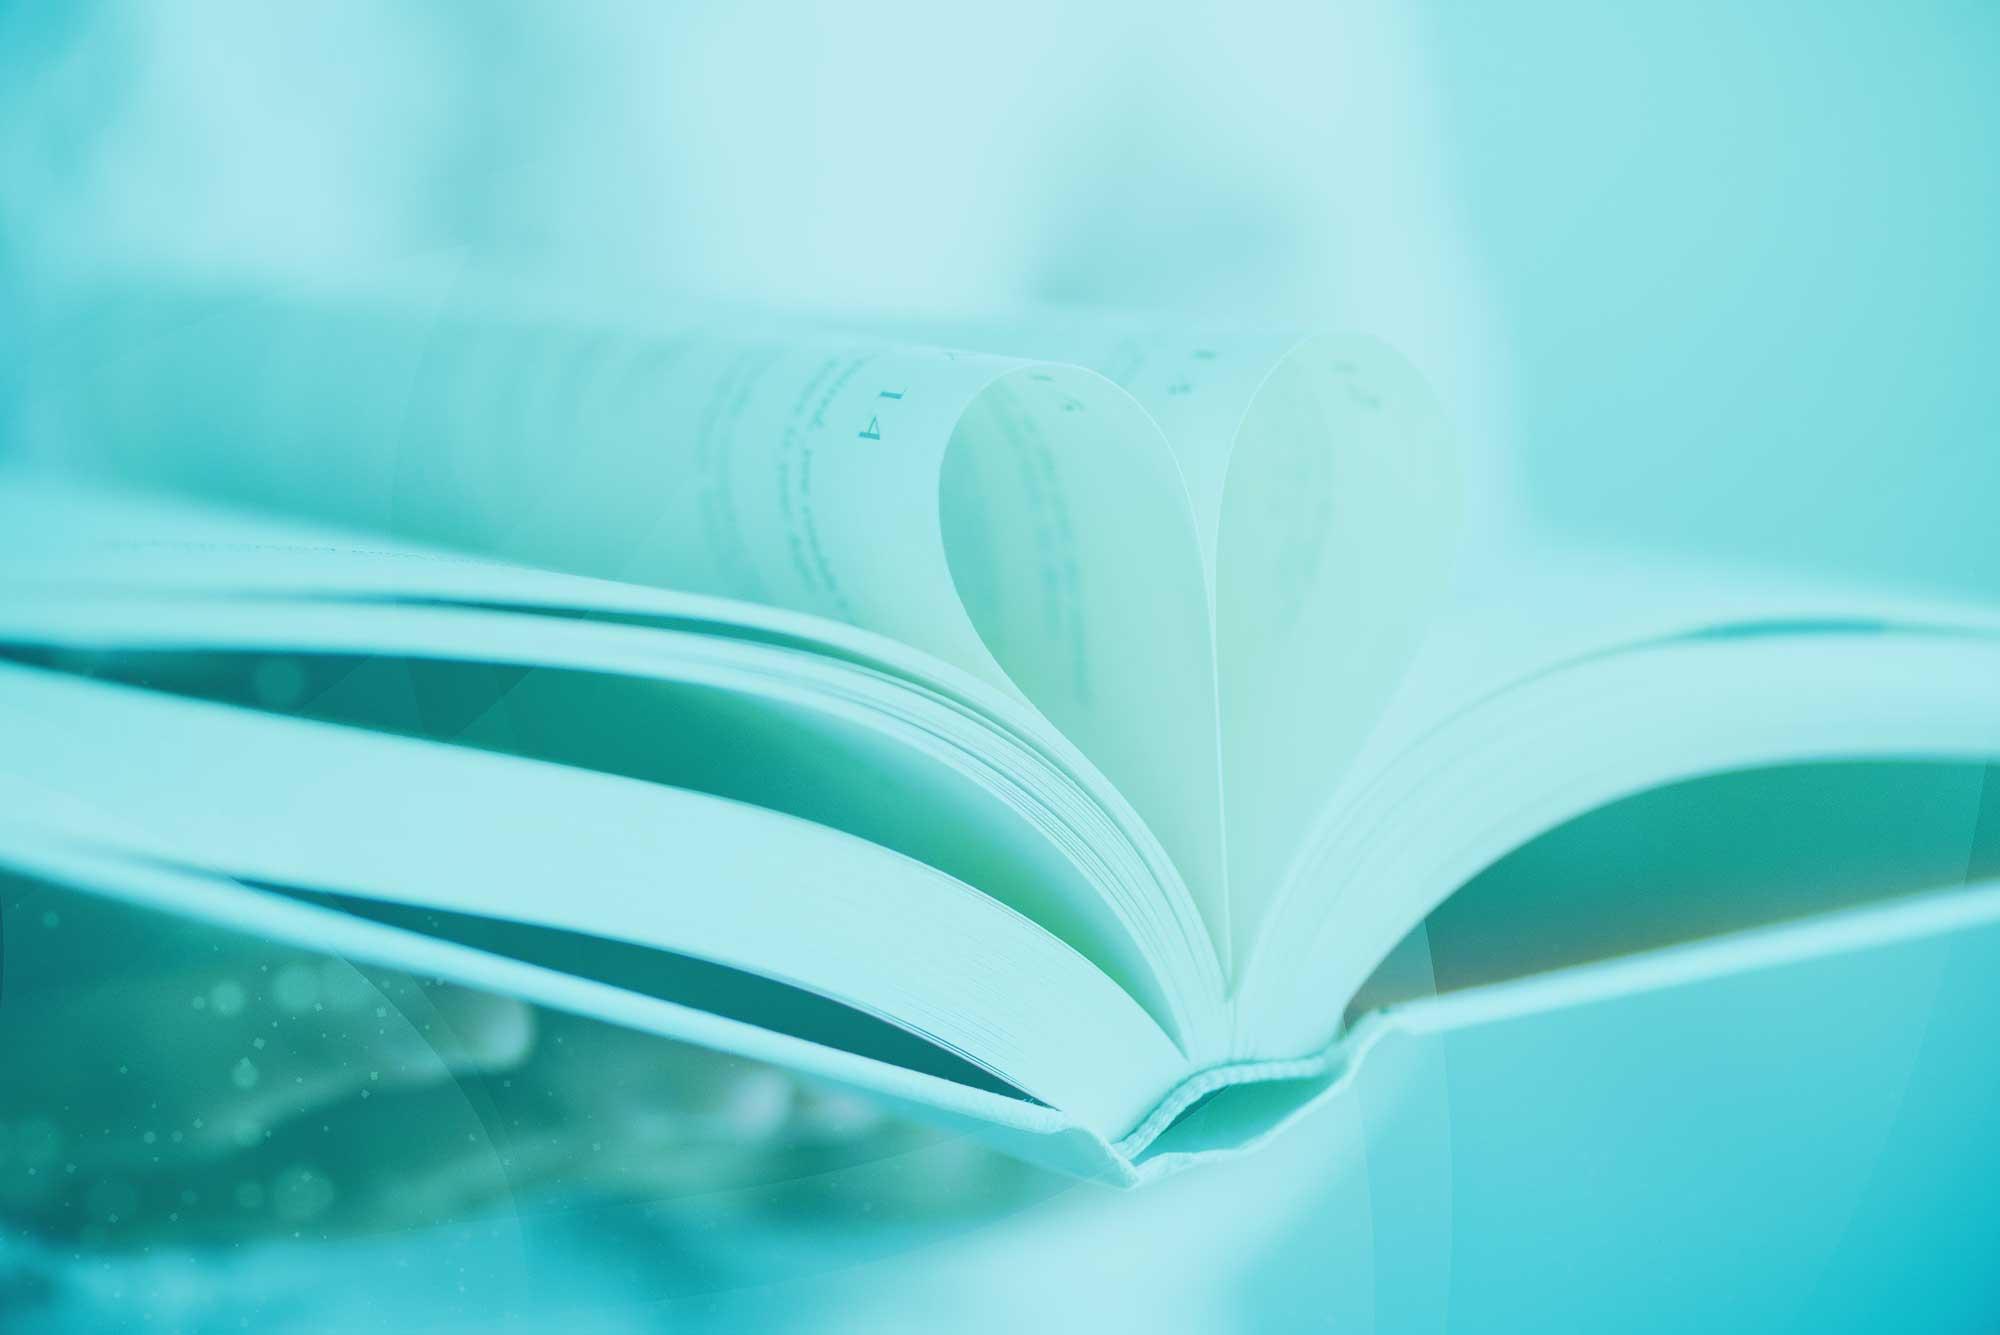 Ein eigenes Buch schreiben